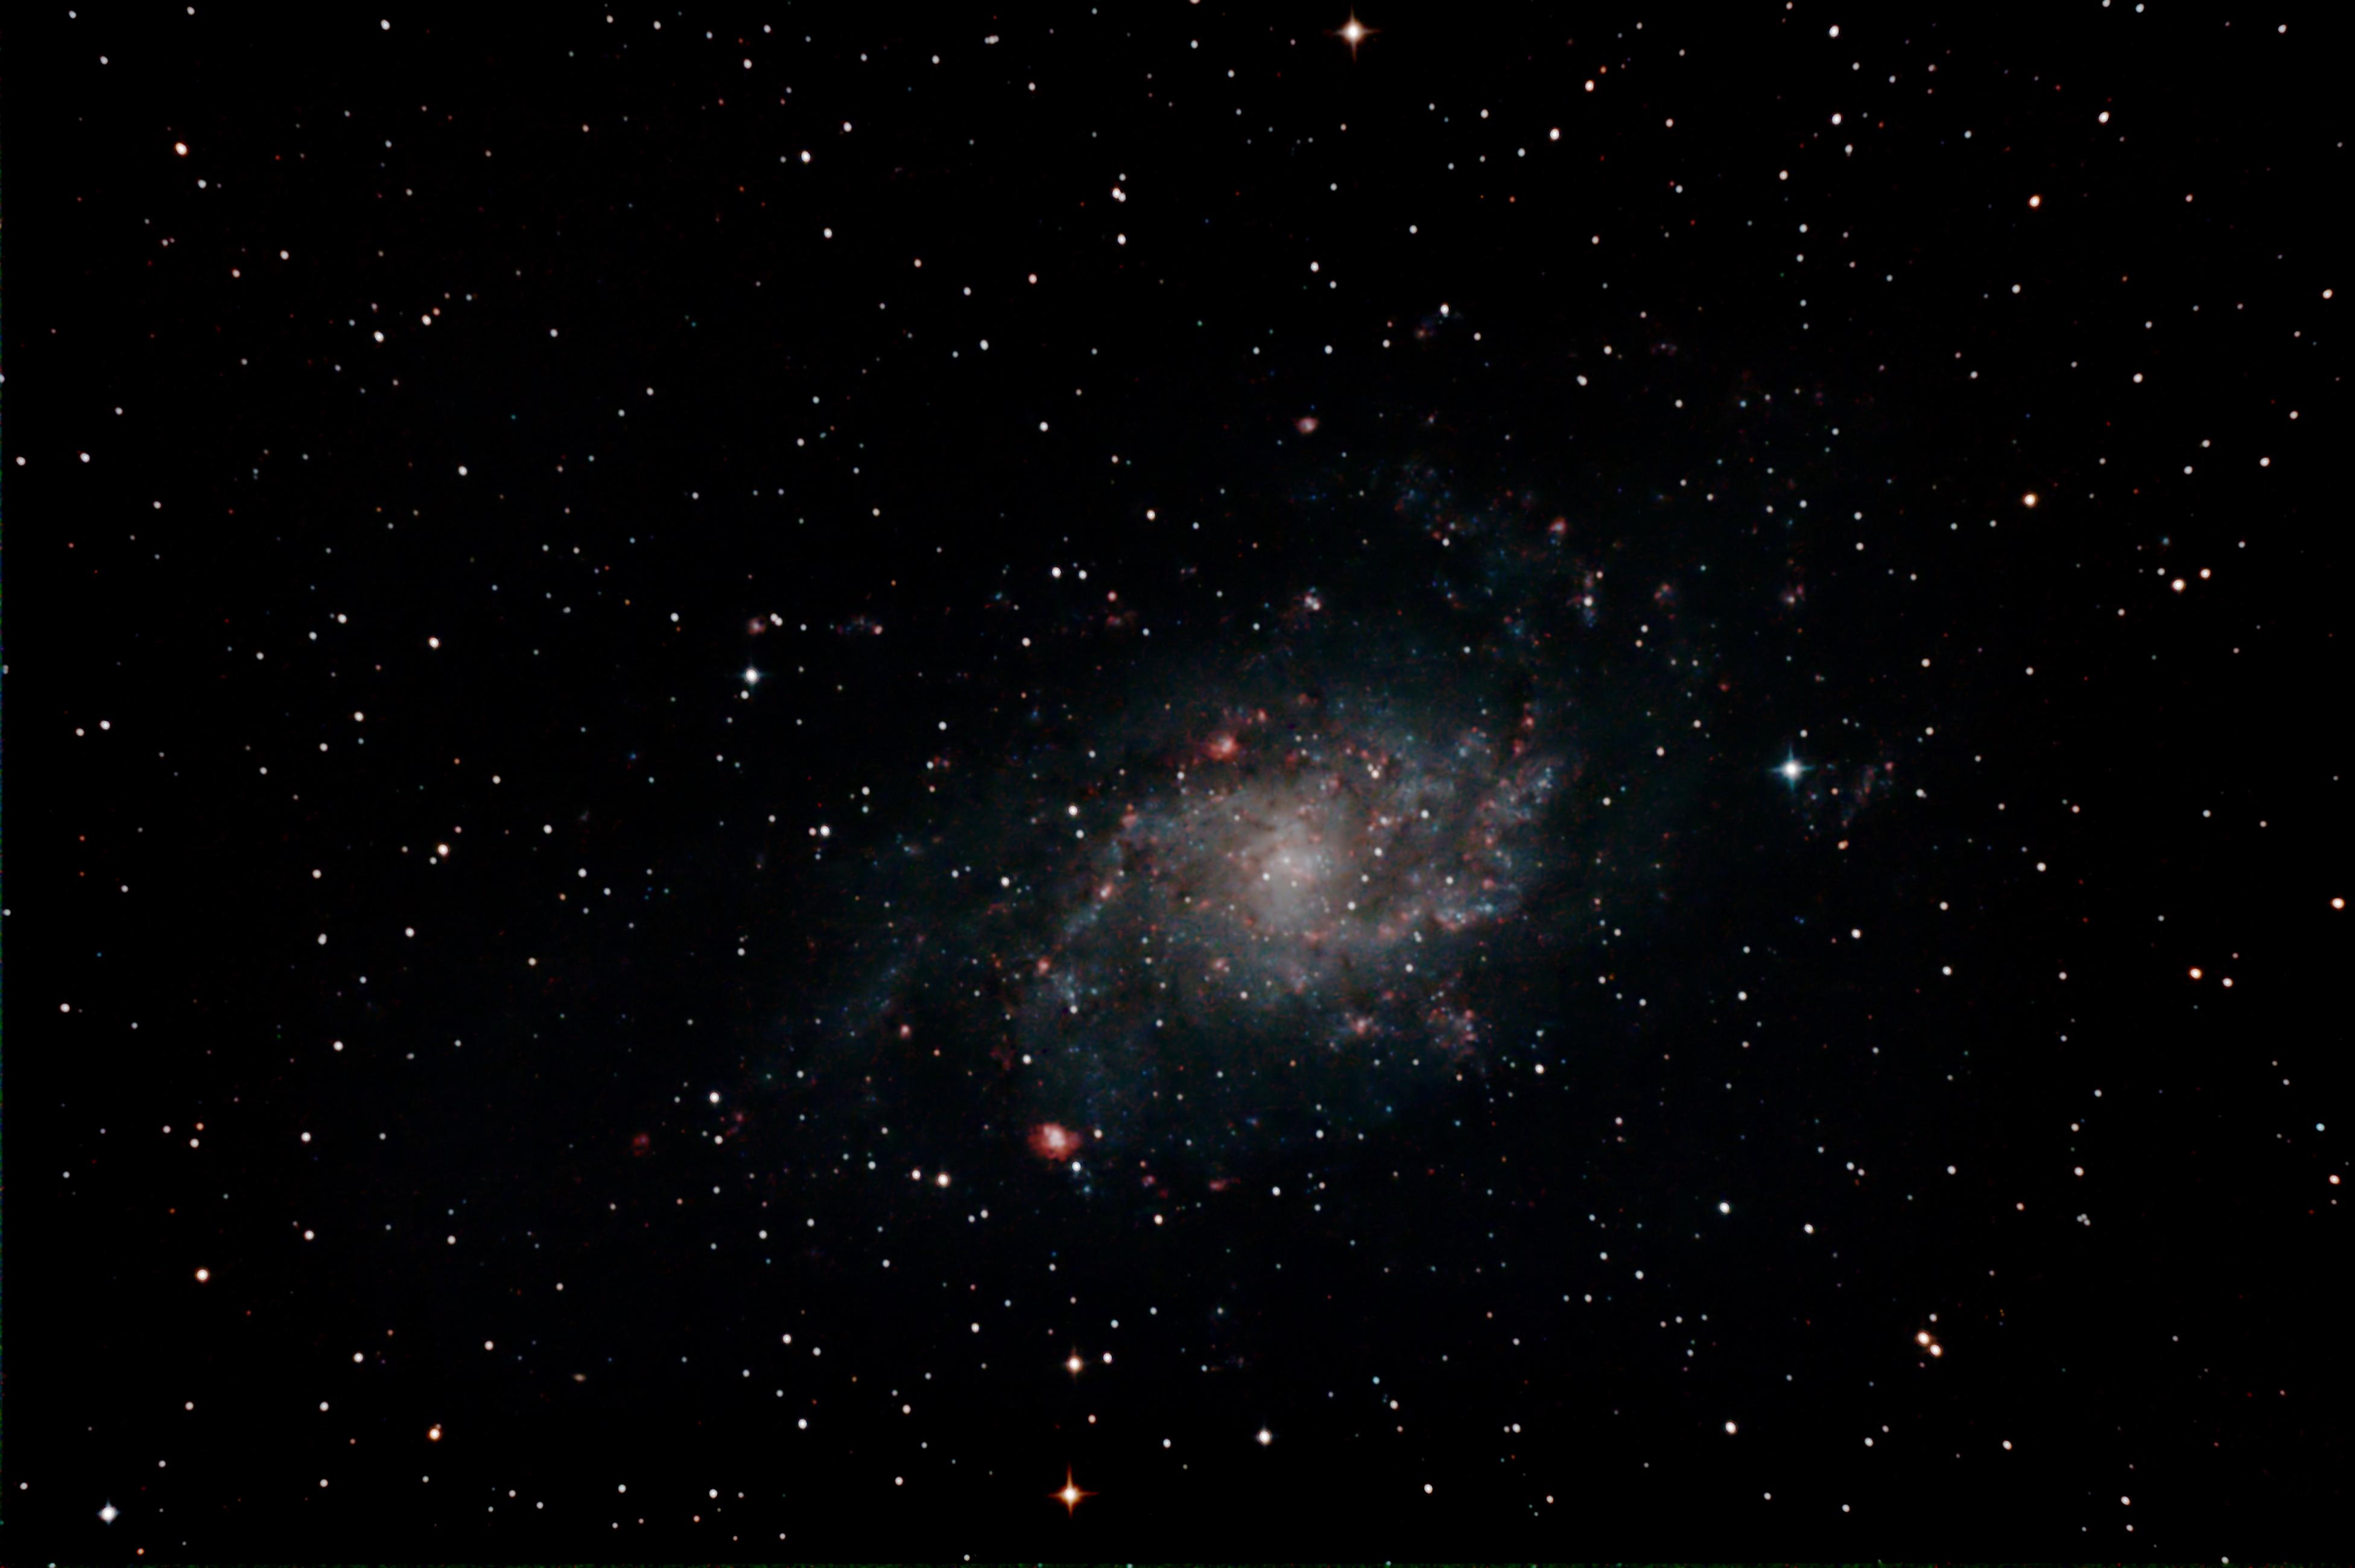 Dreiecksgalaxie M33 im Sternbild Dreieck.